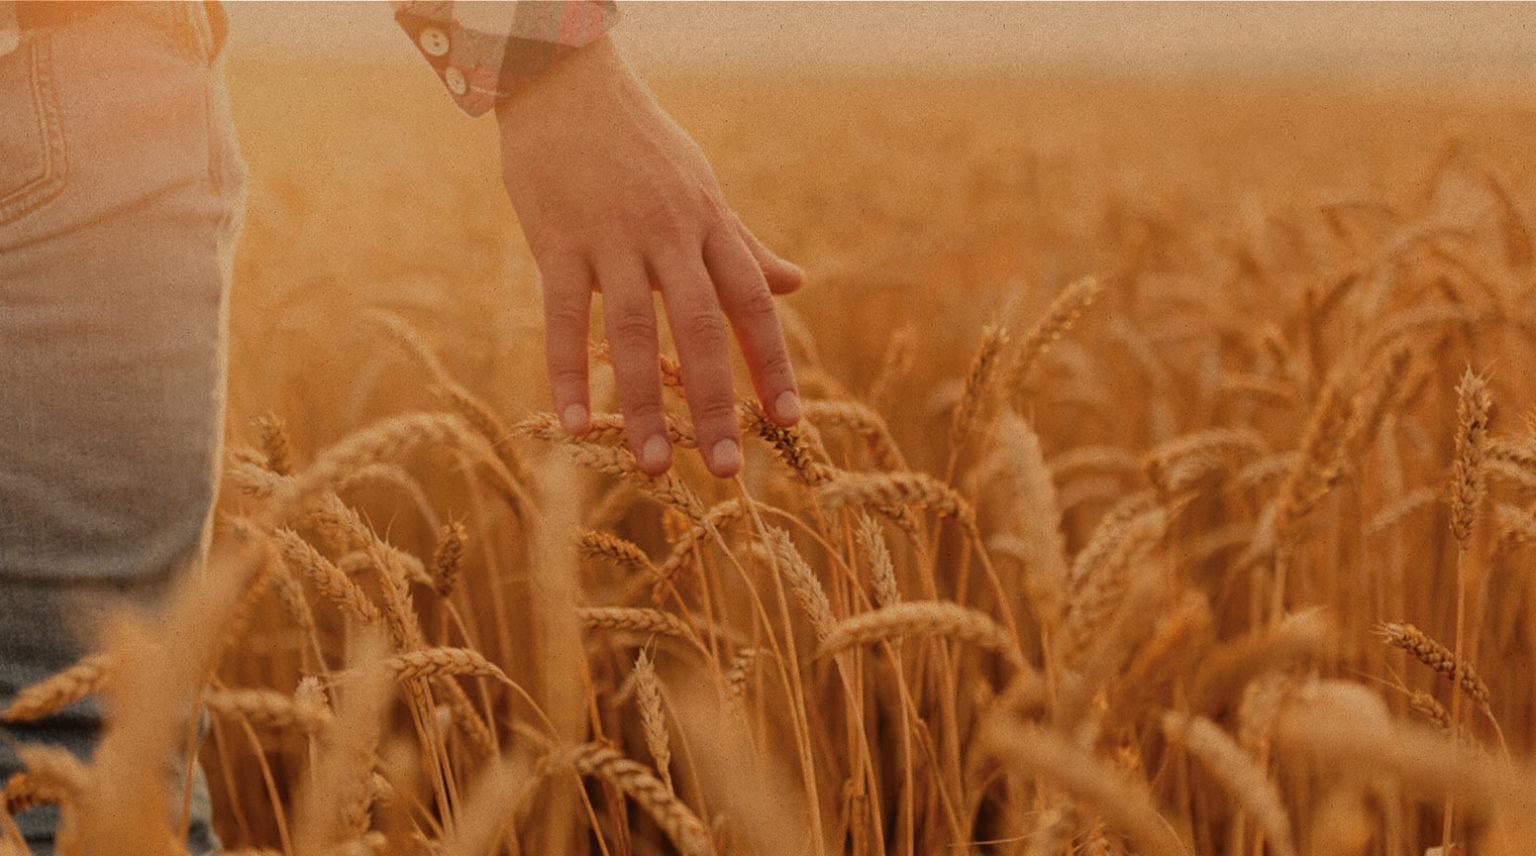 Donnons les moyens à la bio d'excellence d'exister Biocer propose à ses agriculteurs-adhérents un accompagnement global, de la production à la 1er mise sur le marché